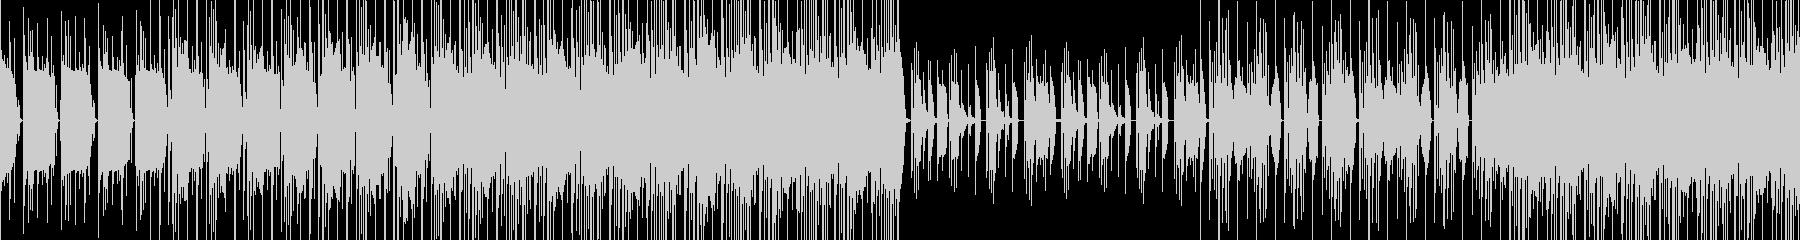 【ループ対応】少しダークなビートBGMの未再生の波形